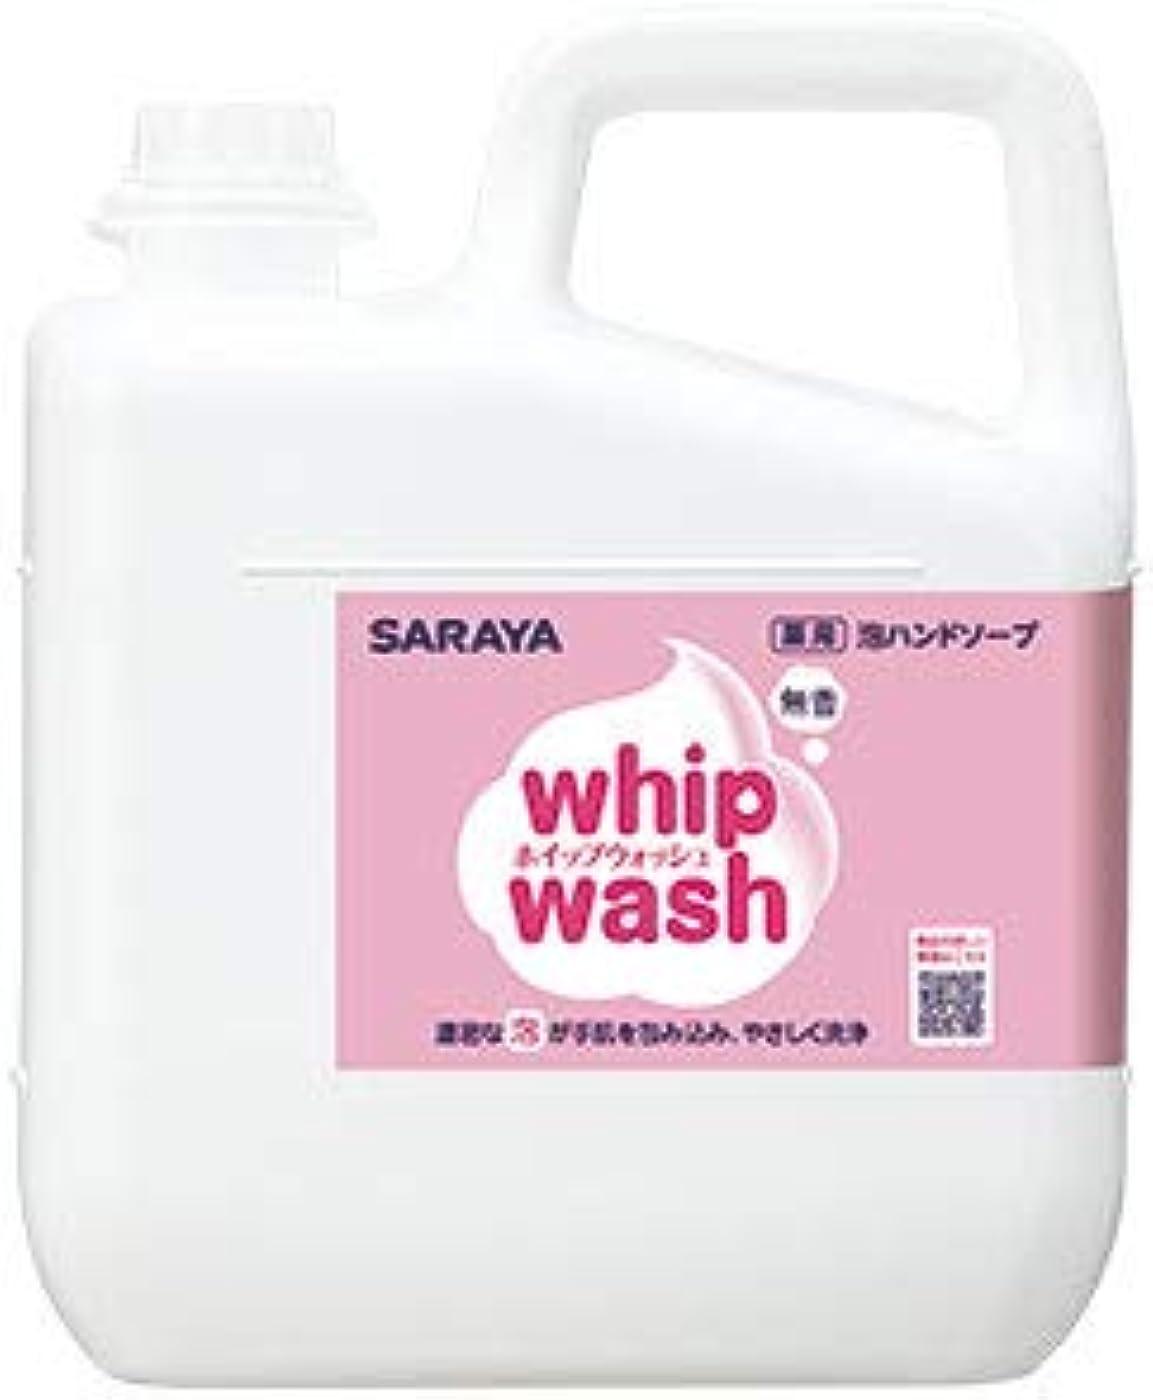 ベース国民投票柔らかいサラヤ ホイップウォッシュ 手洗い用石けん液 ホイップウォッシュ無香 5kg